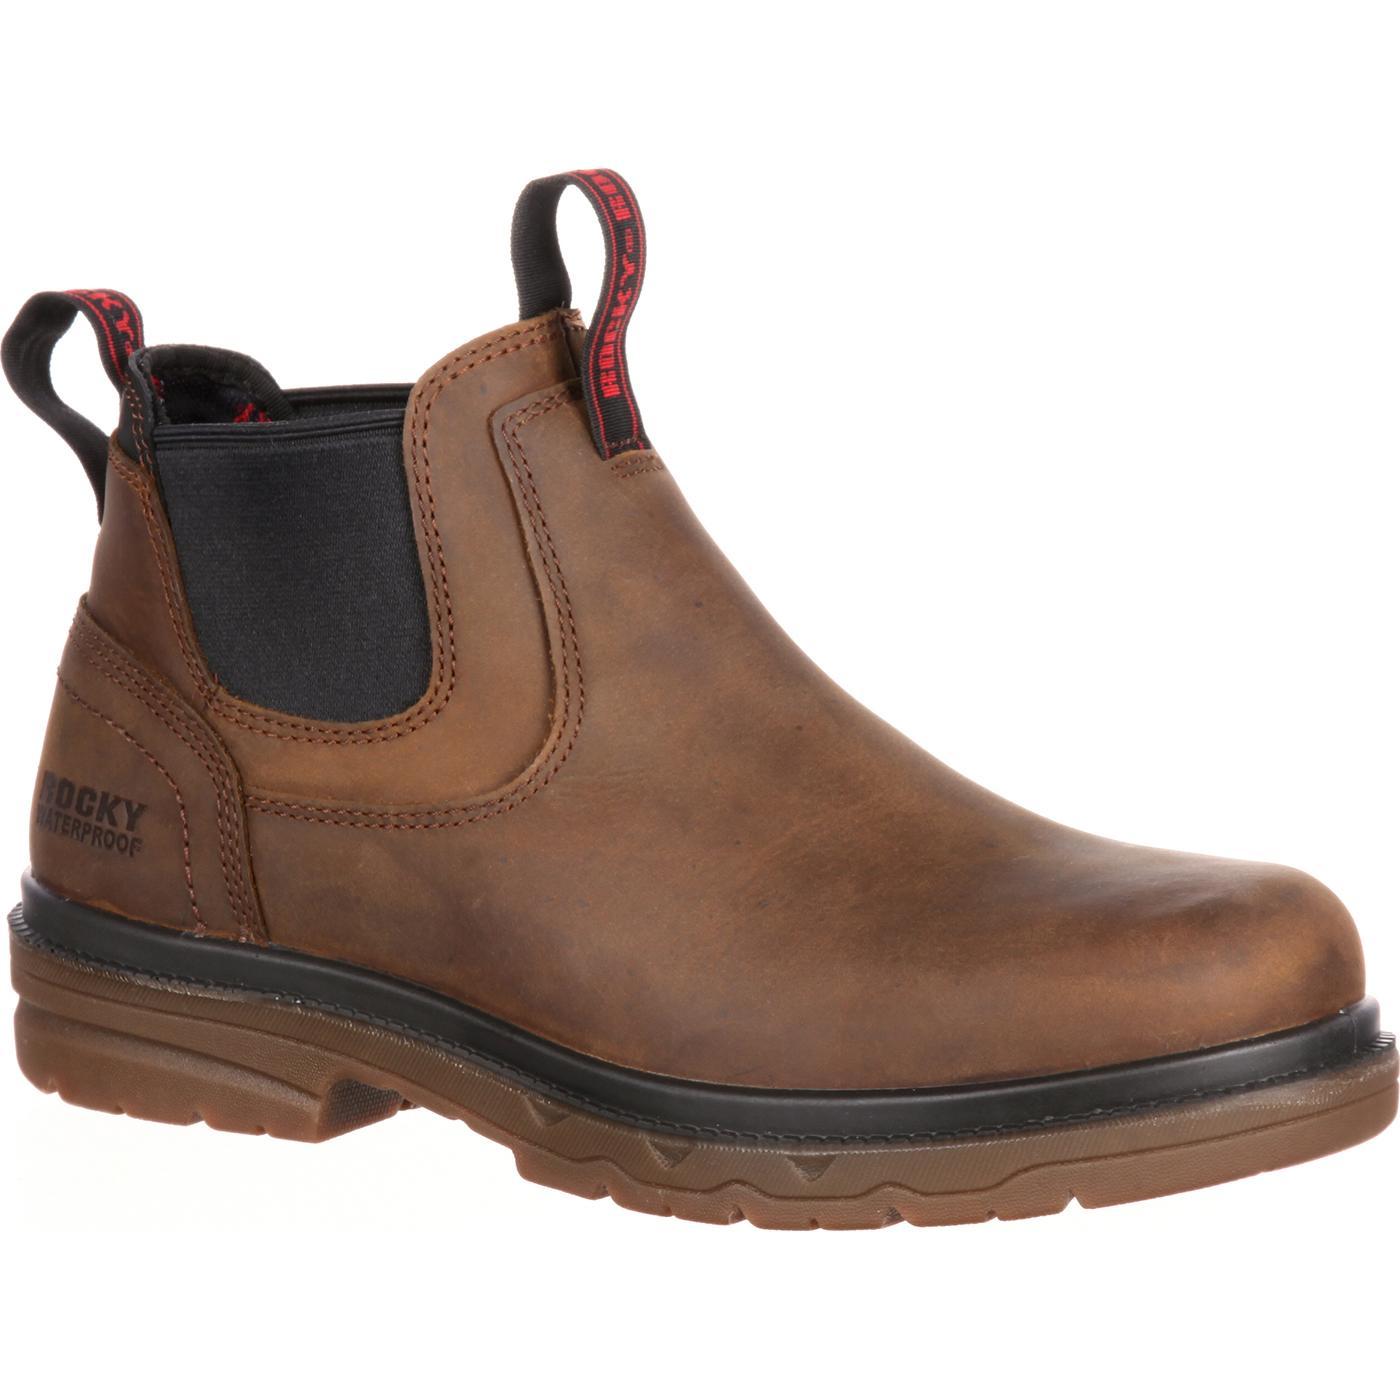 Steel Toe Waterproof Romeo Work Boot  Rocky Elements Shale b51f720ef181